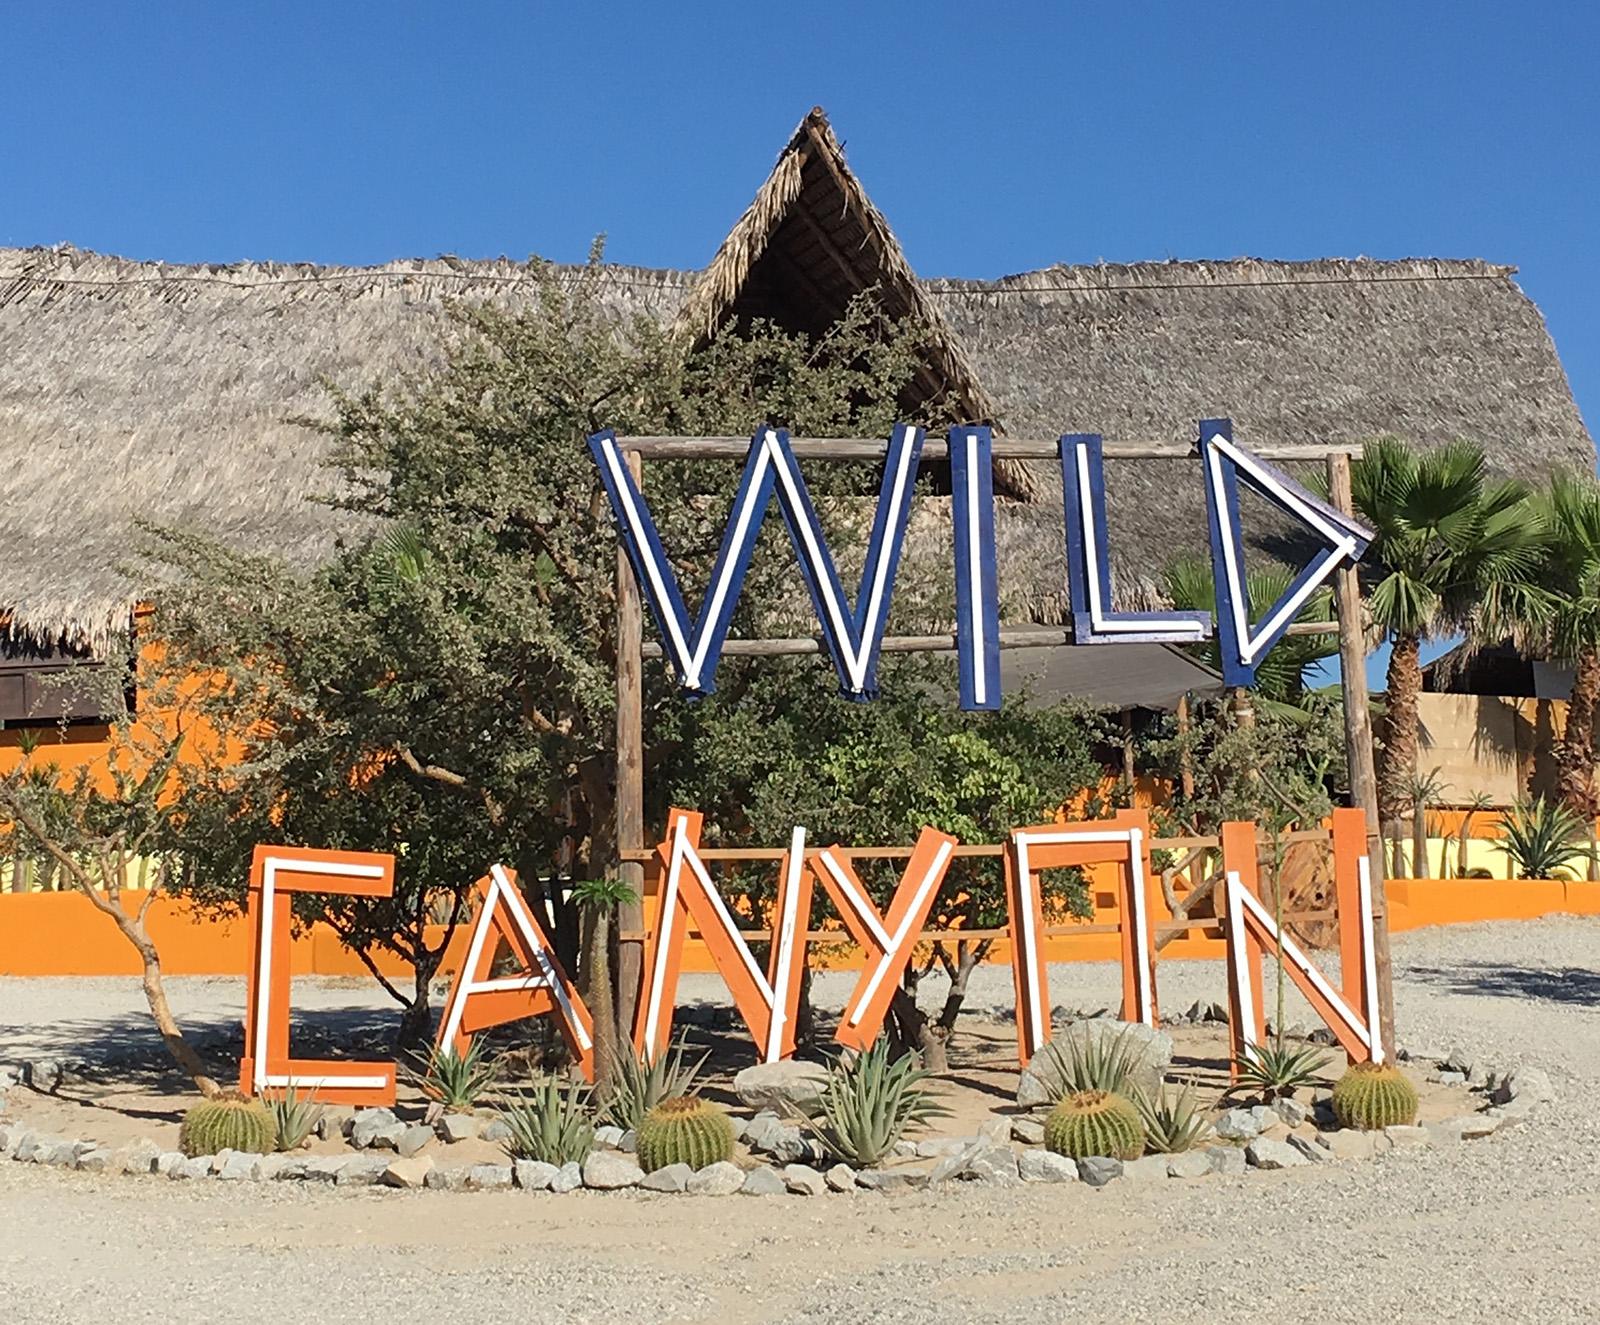 Wild canyon cabo